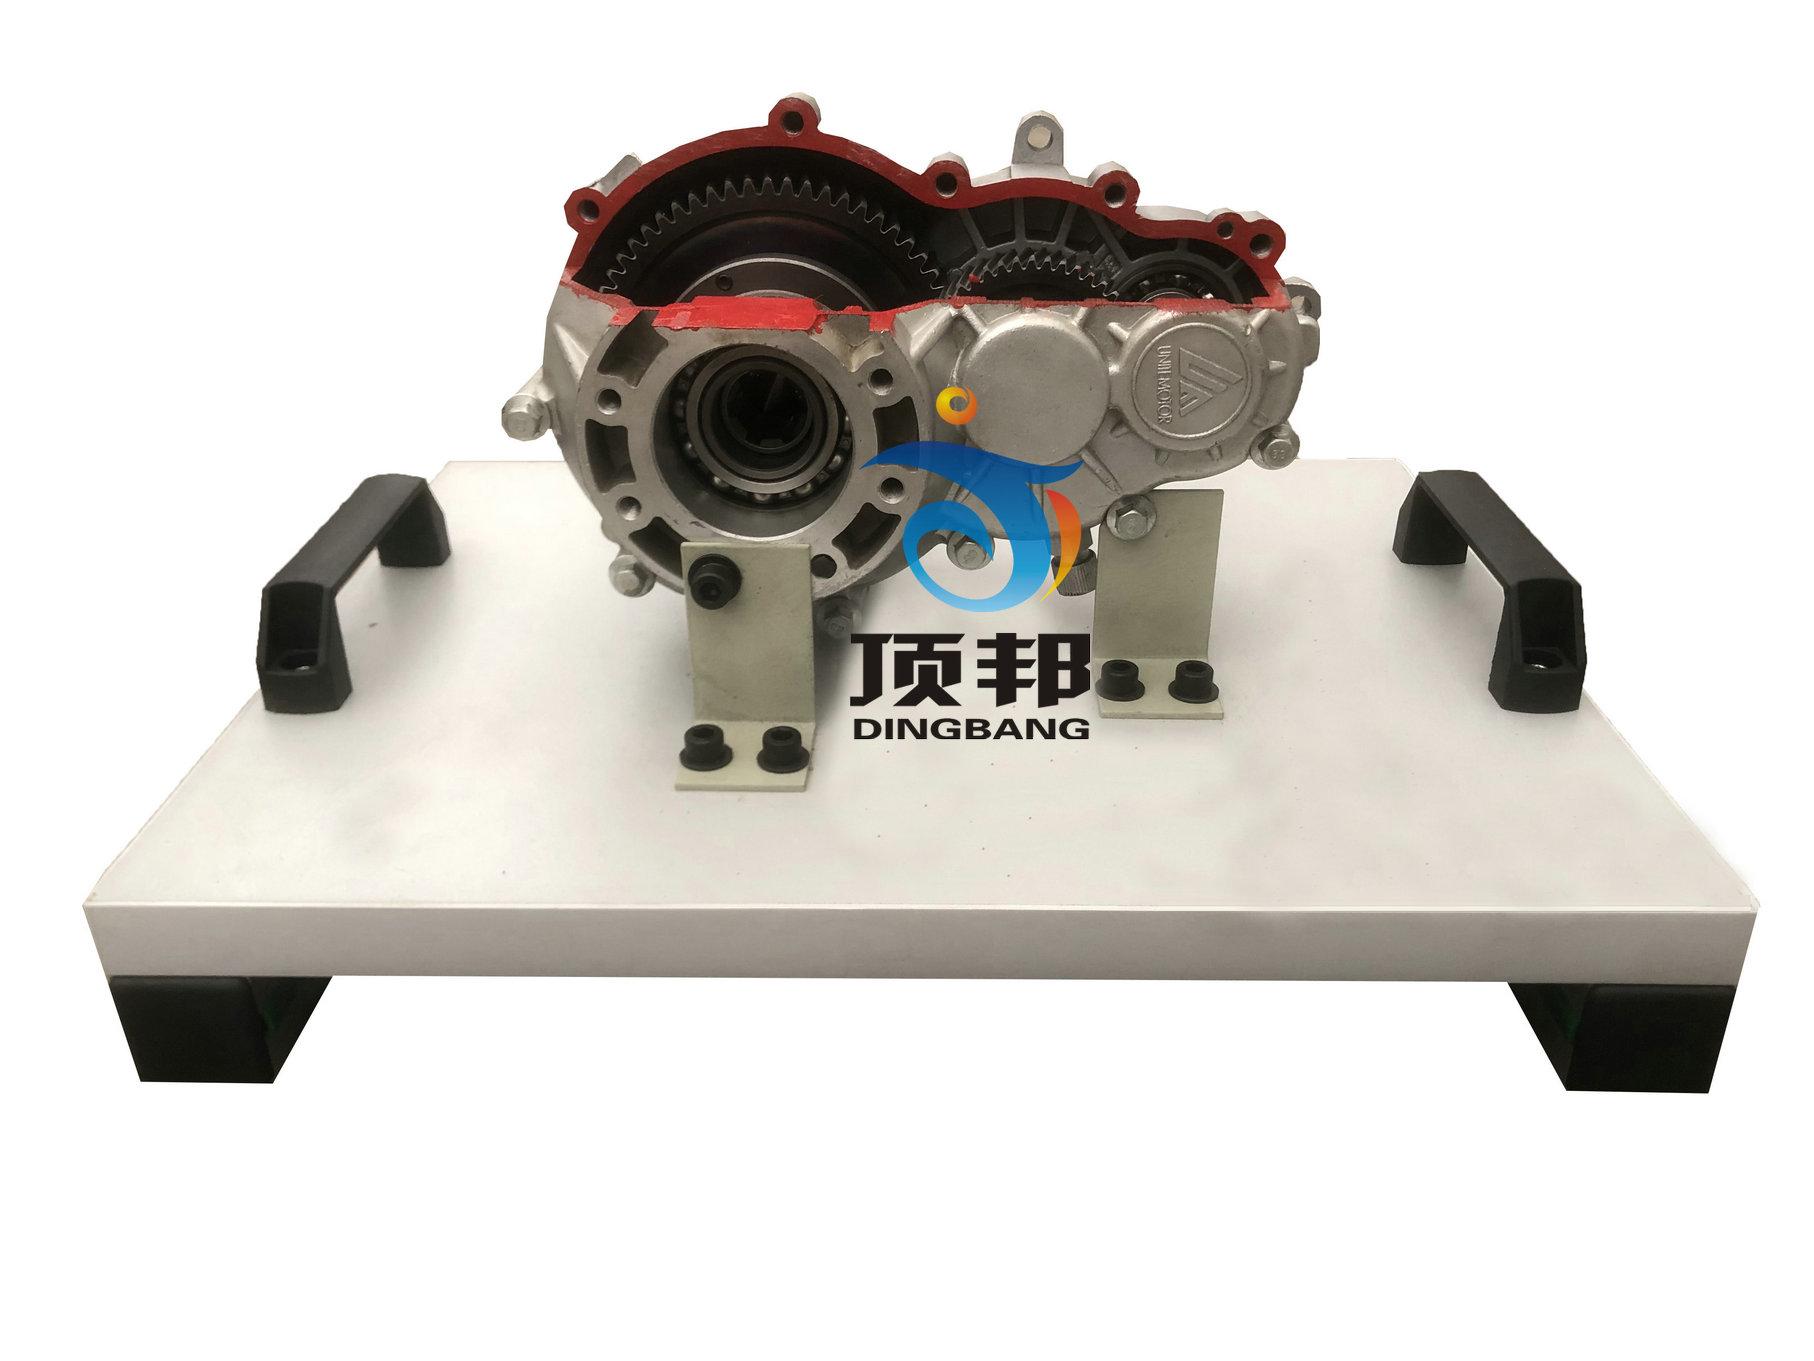 纯电动车变速器与差速器解剖模型